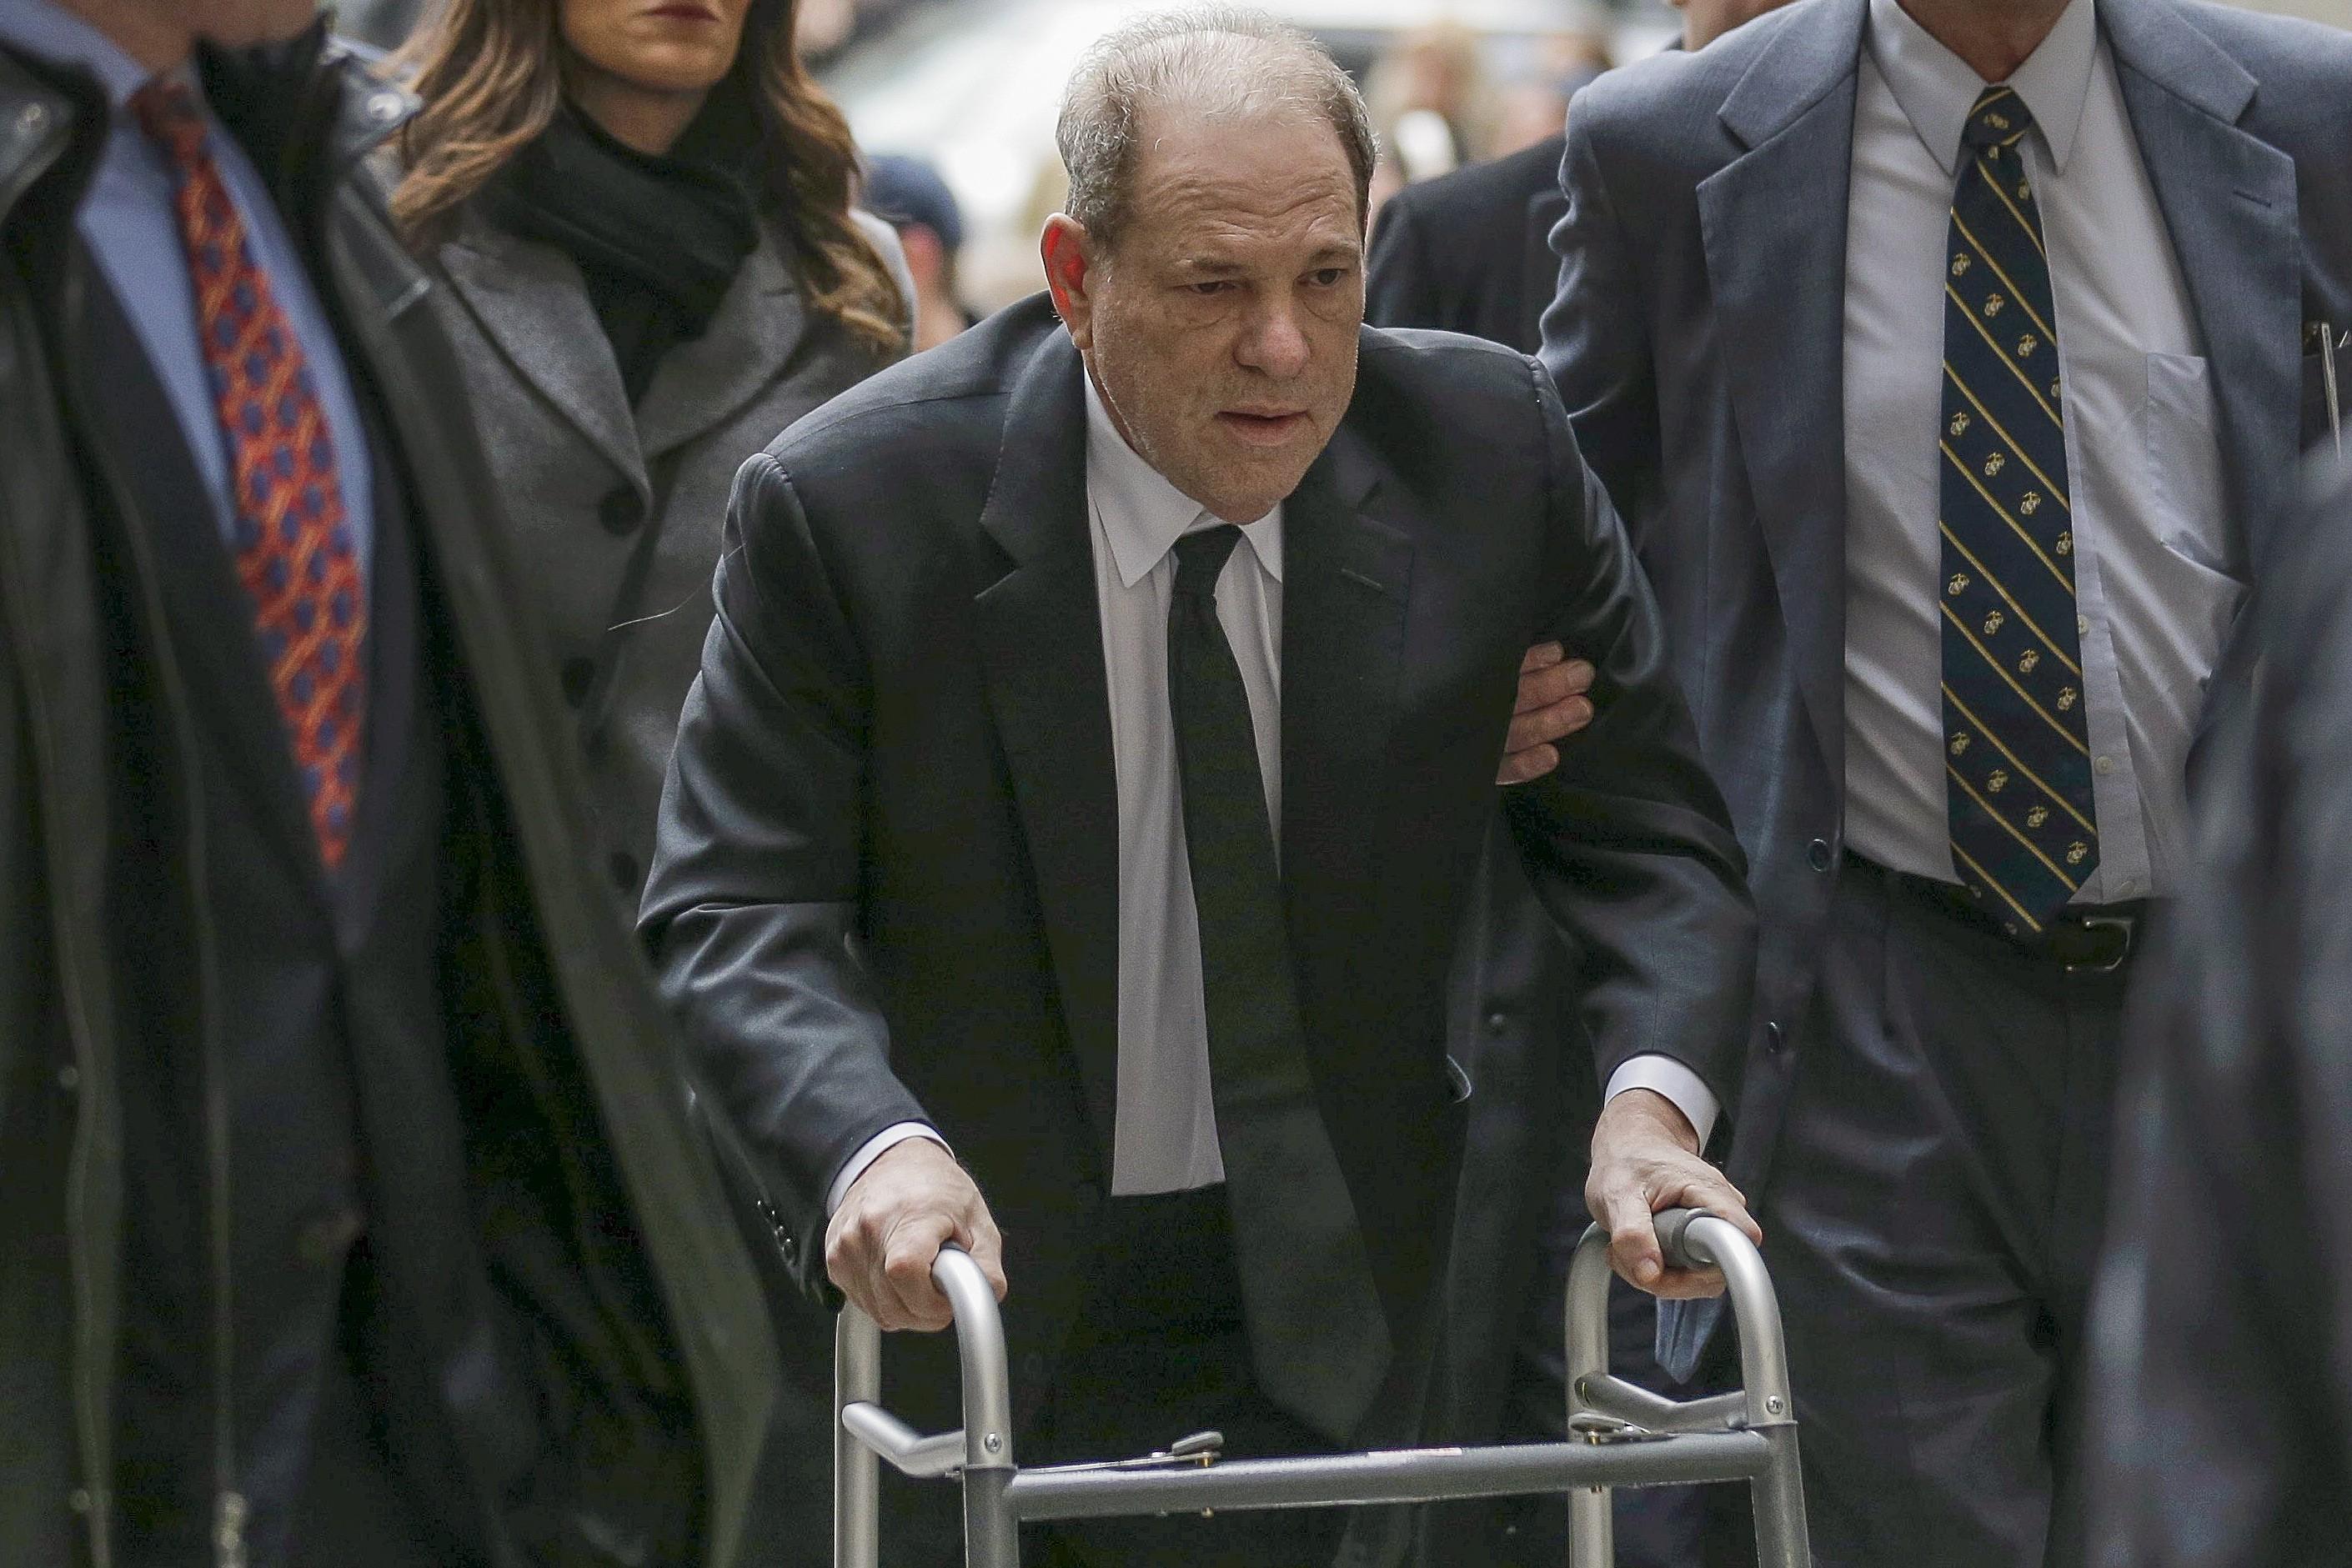 Detetive diz em julgamento que foi contratado por Weinsten para investigar mulheres assediadas